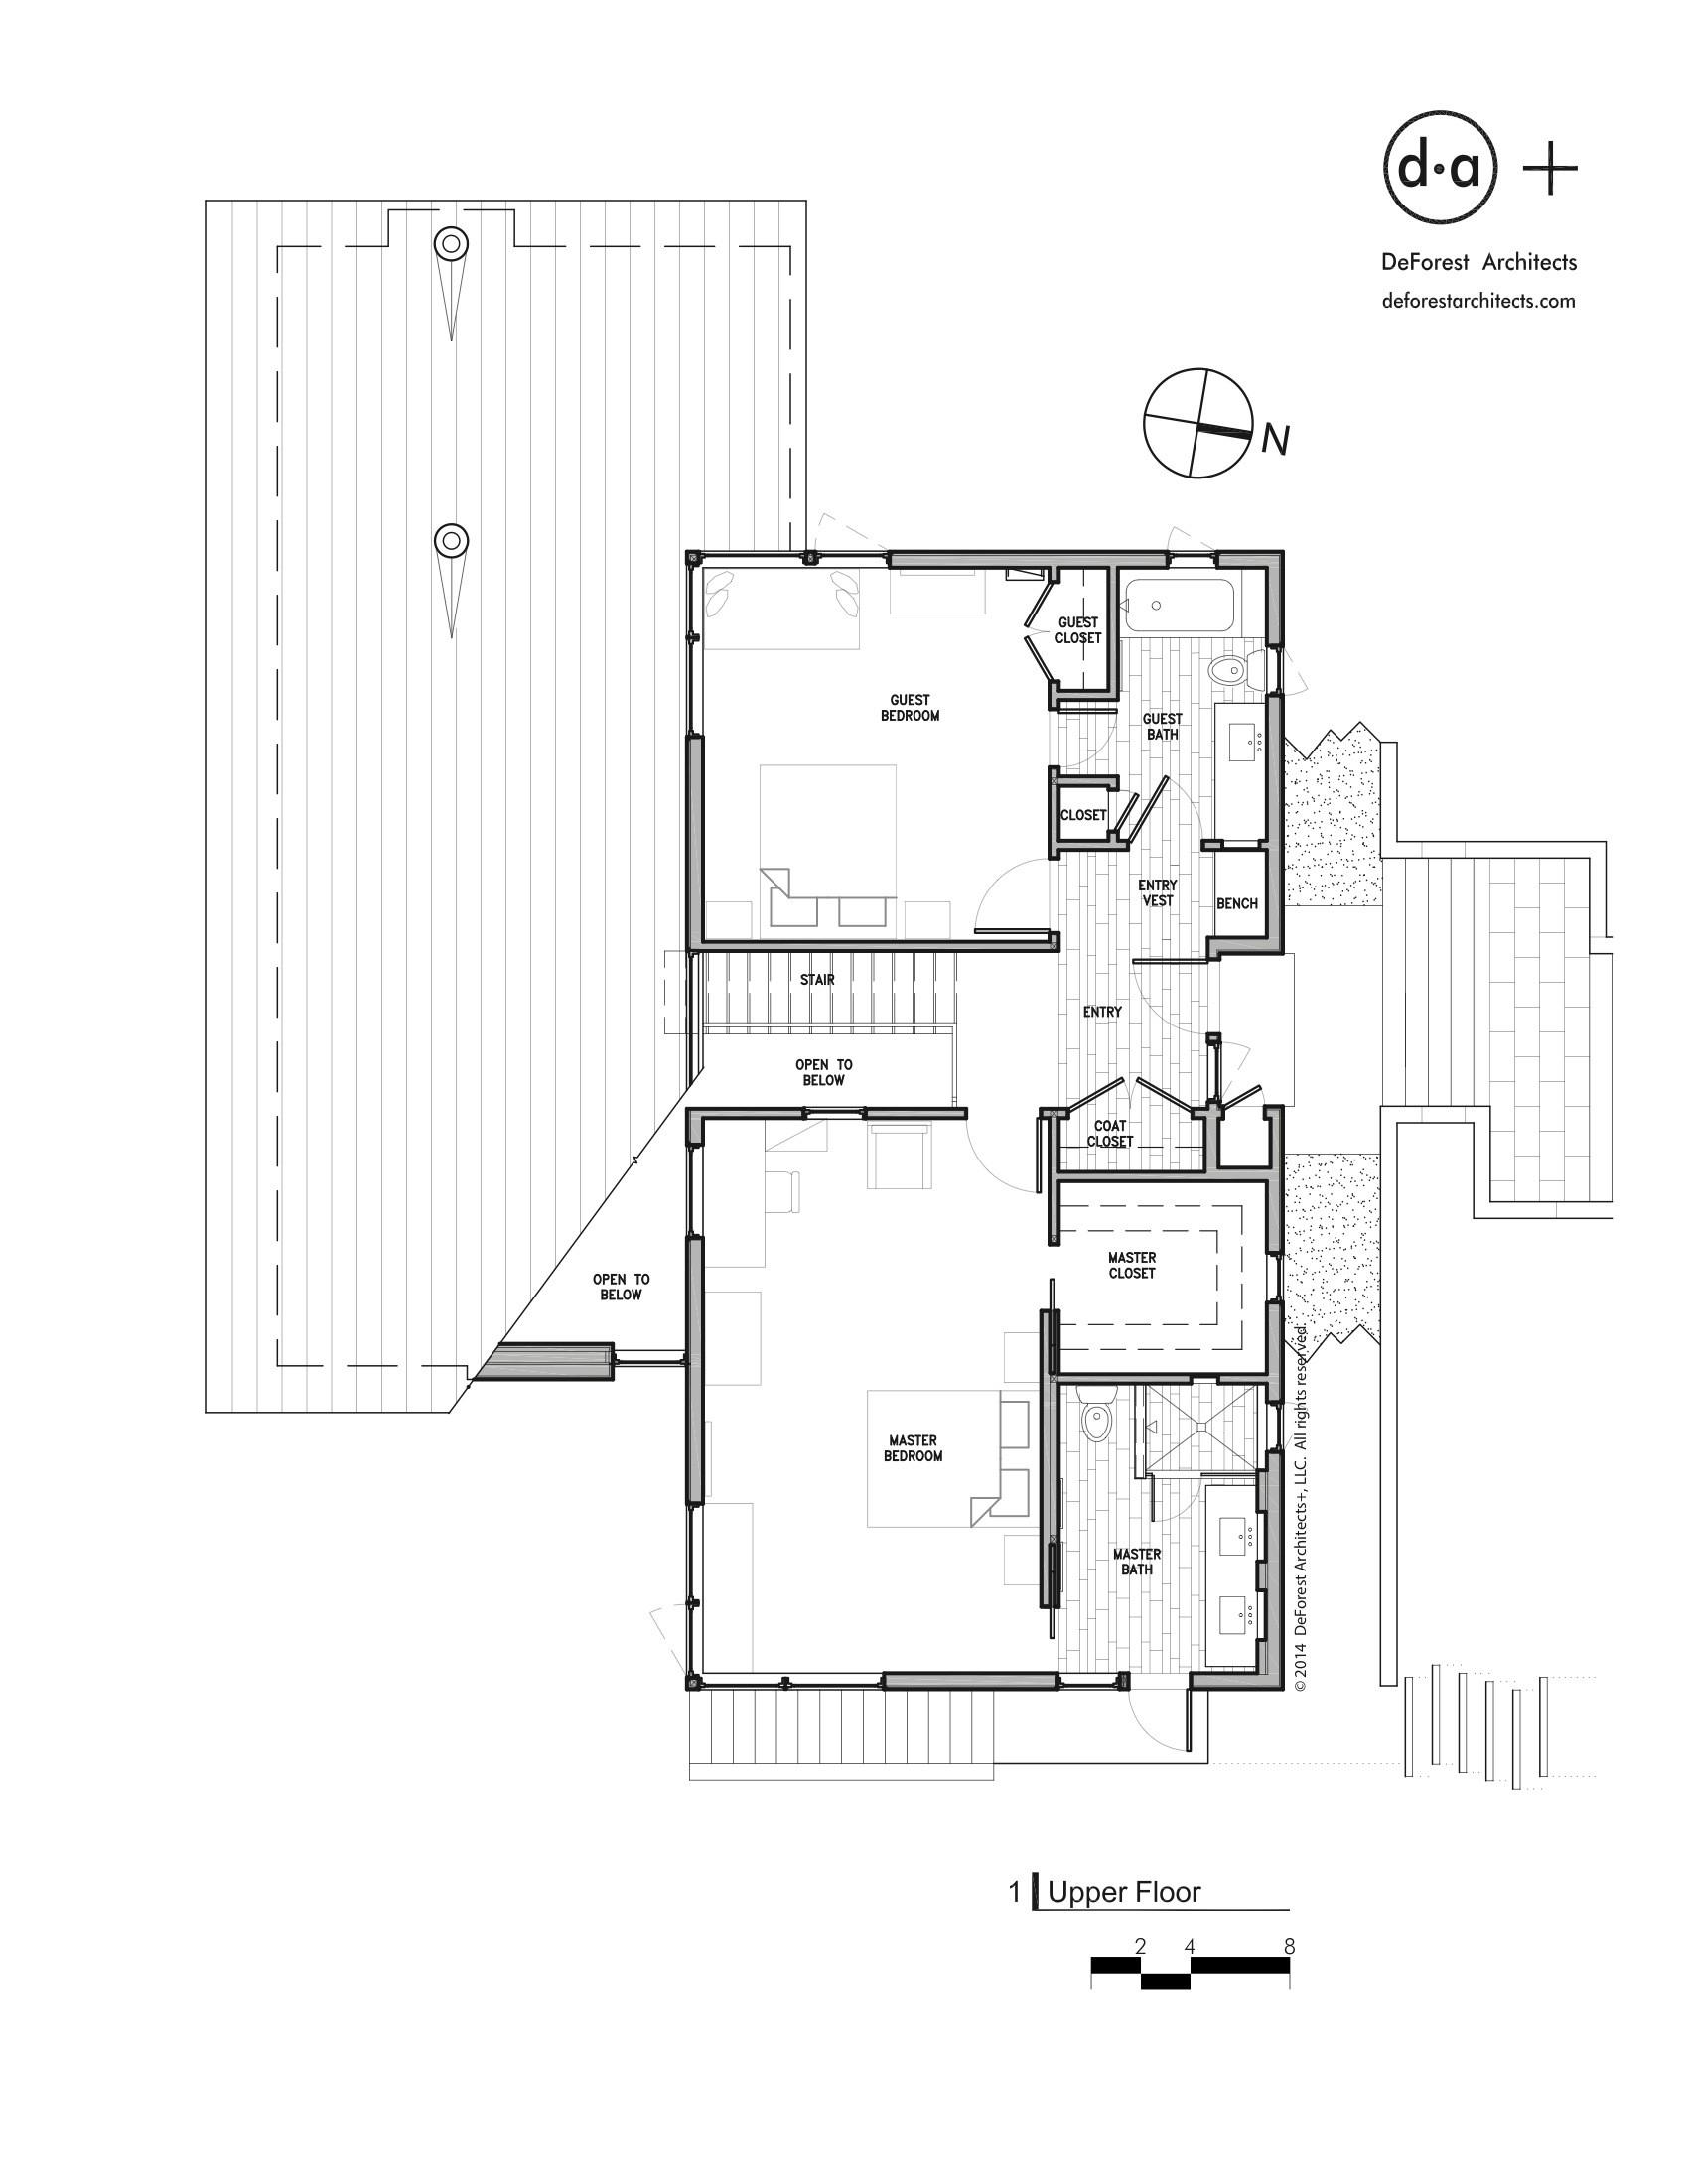 gallery of north lake wenatchee house  deforest architects   - north lake wenatchee house  deforest architects